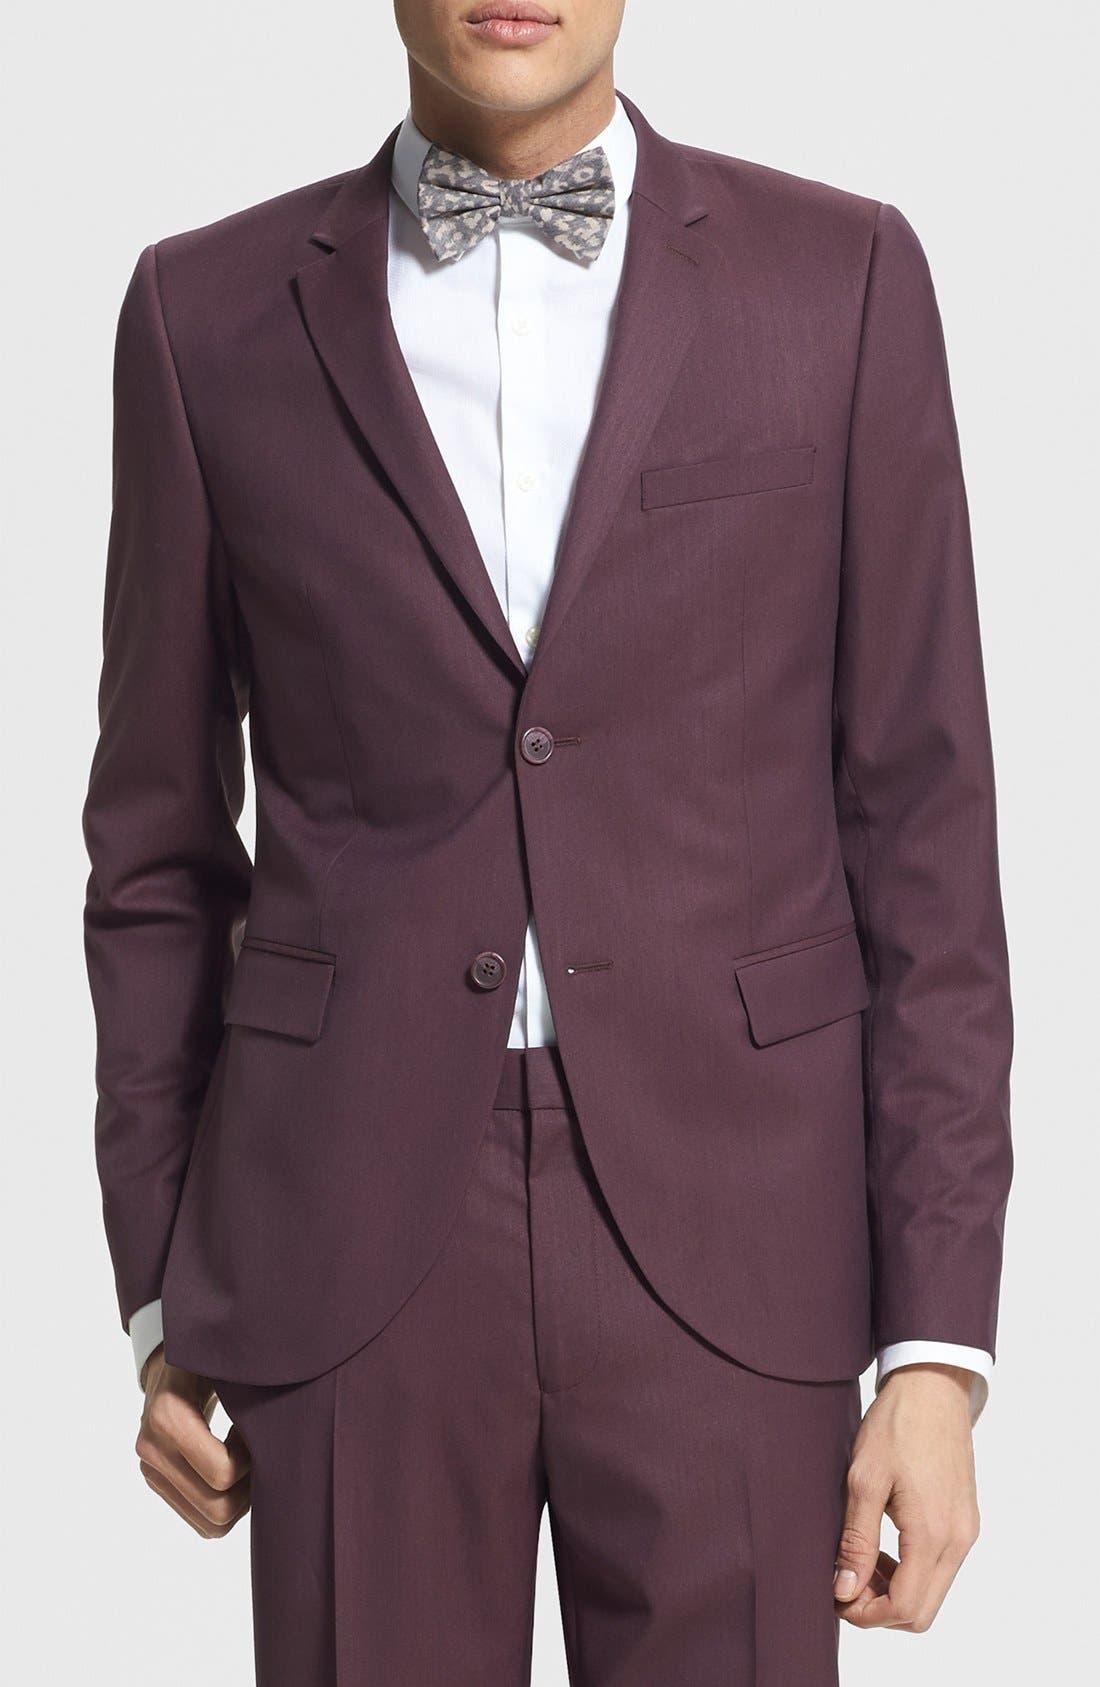 Alternate Image 1 Selected - Topman Skinny Fit Burgundy Suit Jacket